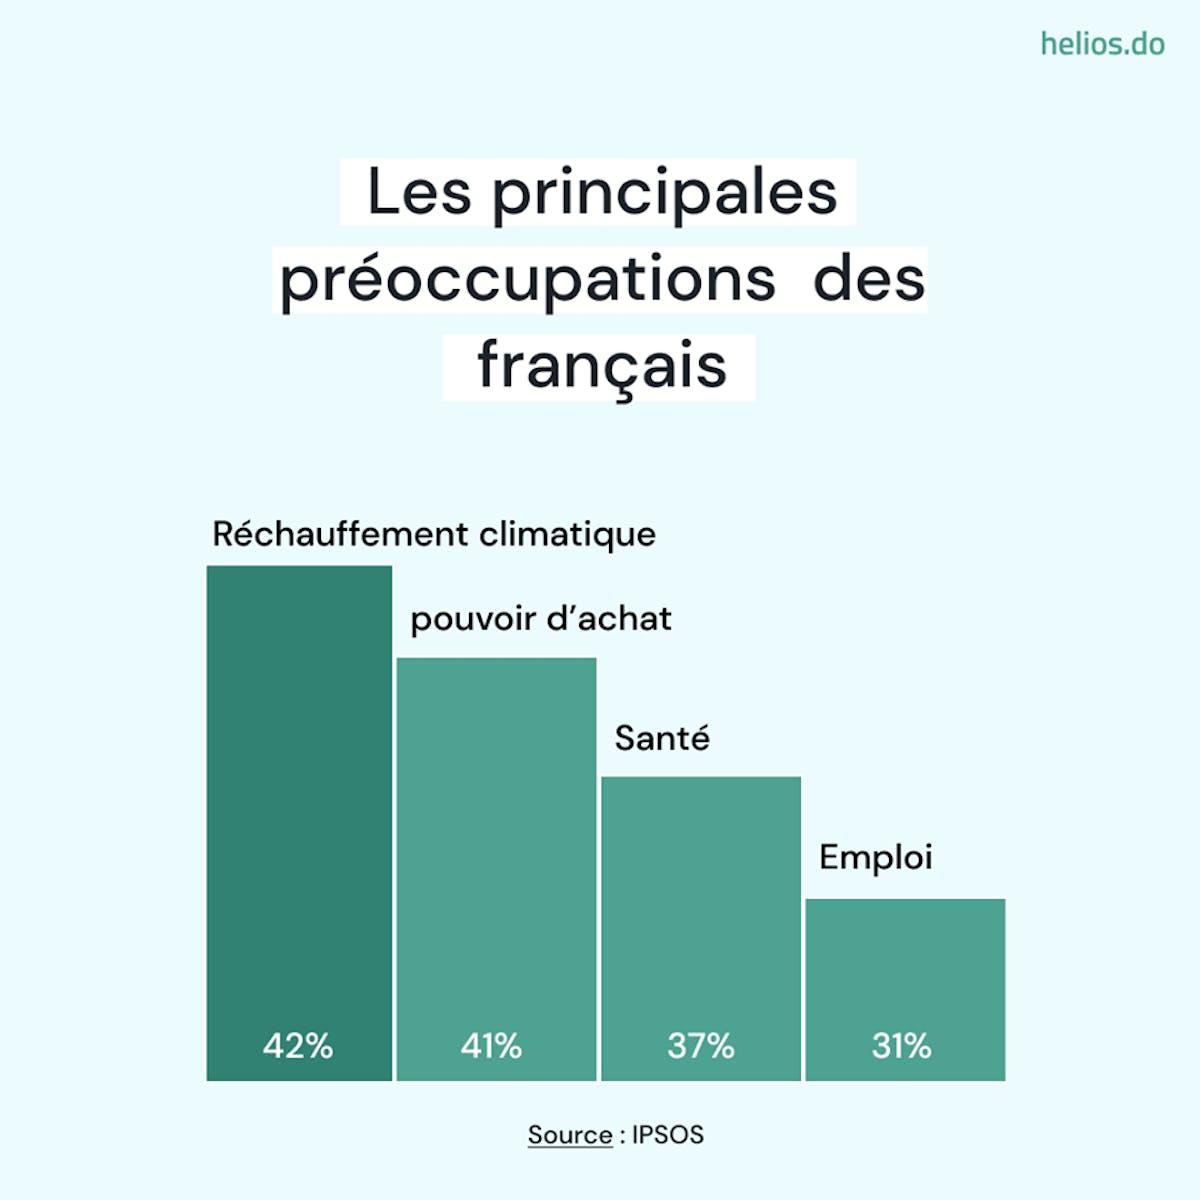 Les principales préoccupations des français